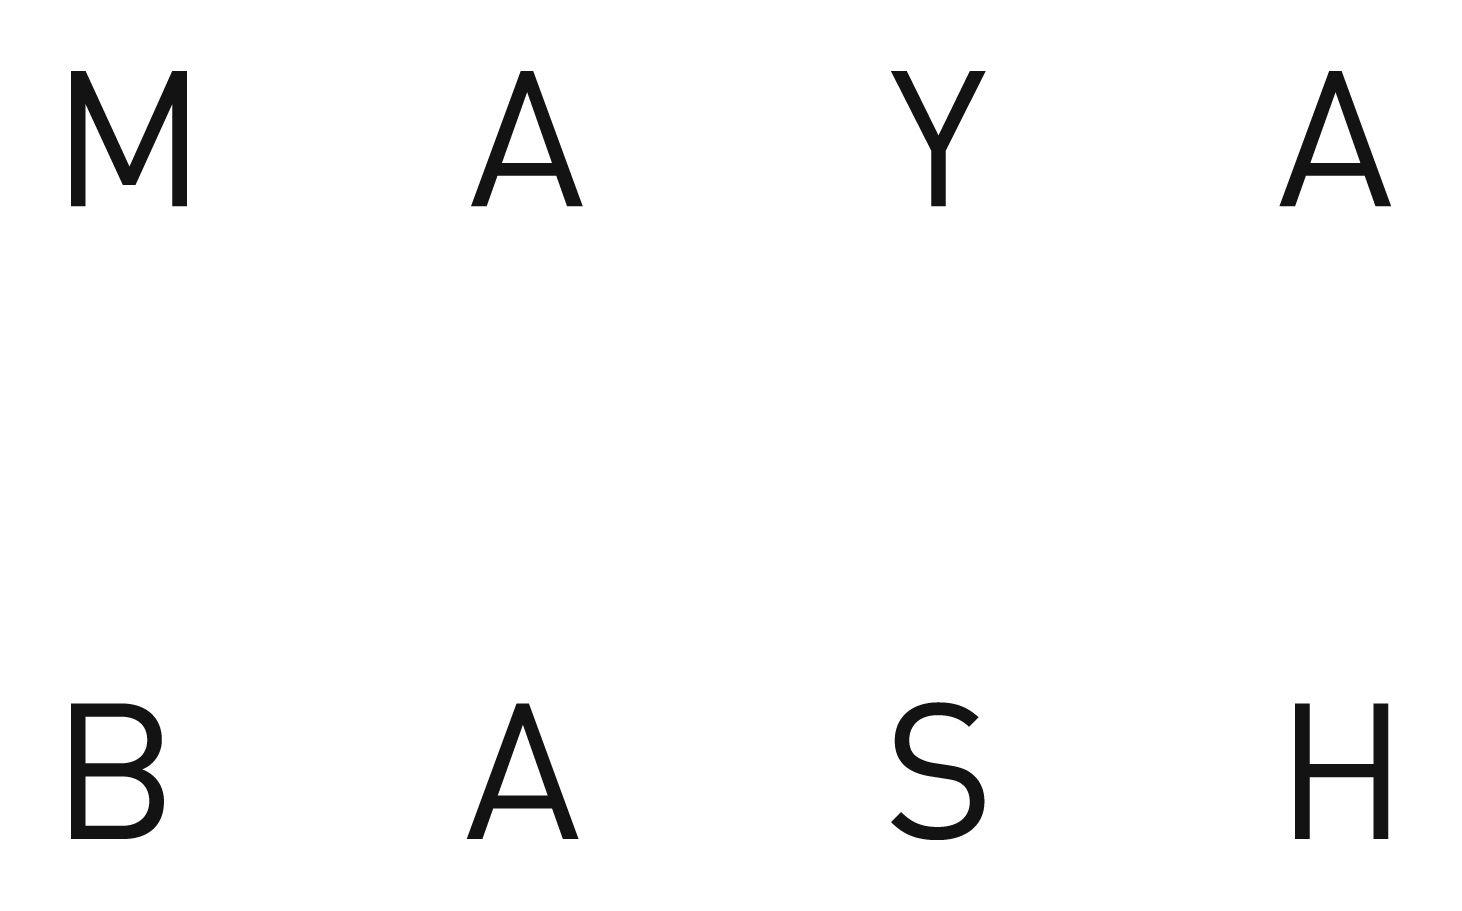 MAYA BASH